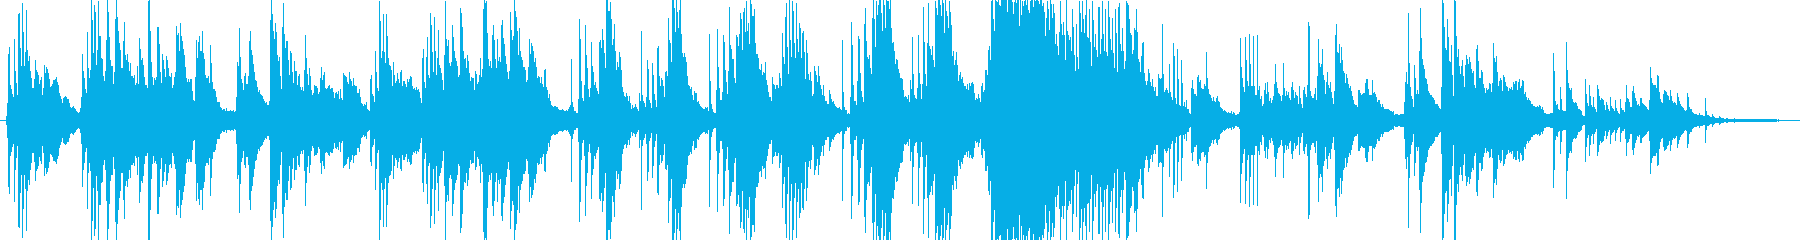 優しい、アンビエントな曲の再生済みの波形